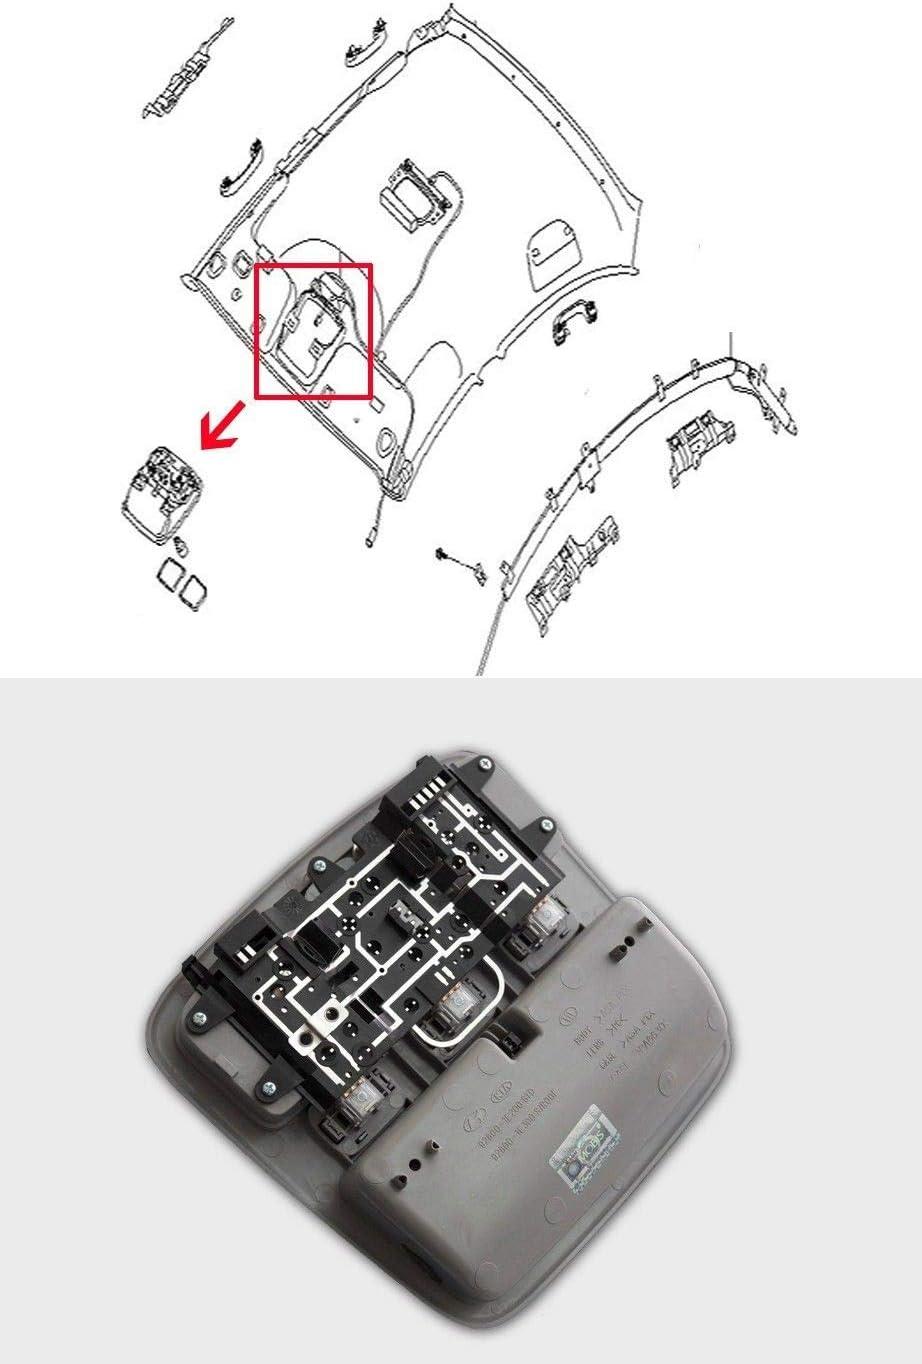 Adaptateur de Verrouillage Central de v/élo /à 6 boulons Frein /à Disque Boost Hub Spacer Bike Part Accessoires Keenso Adaptateur de Verrouillage Central